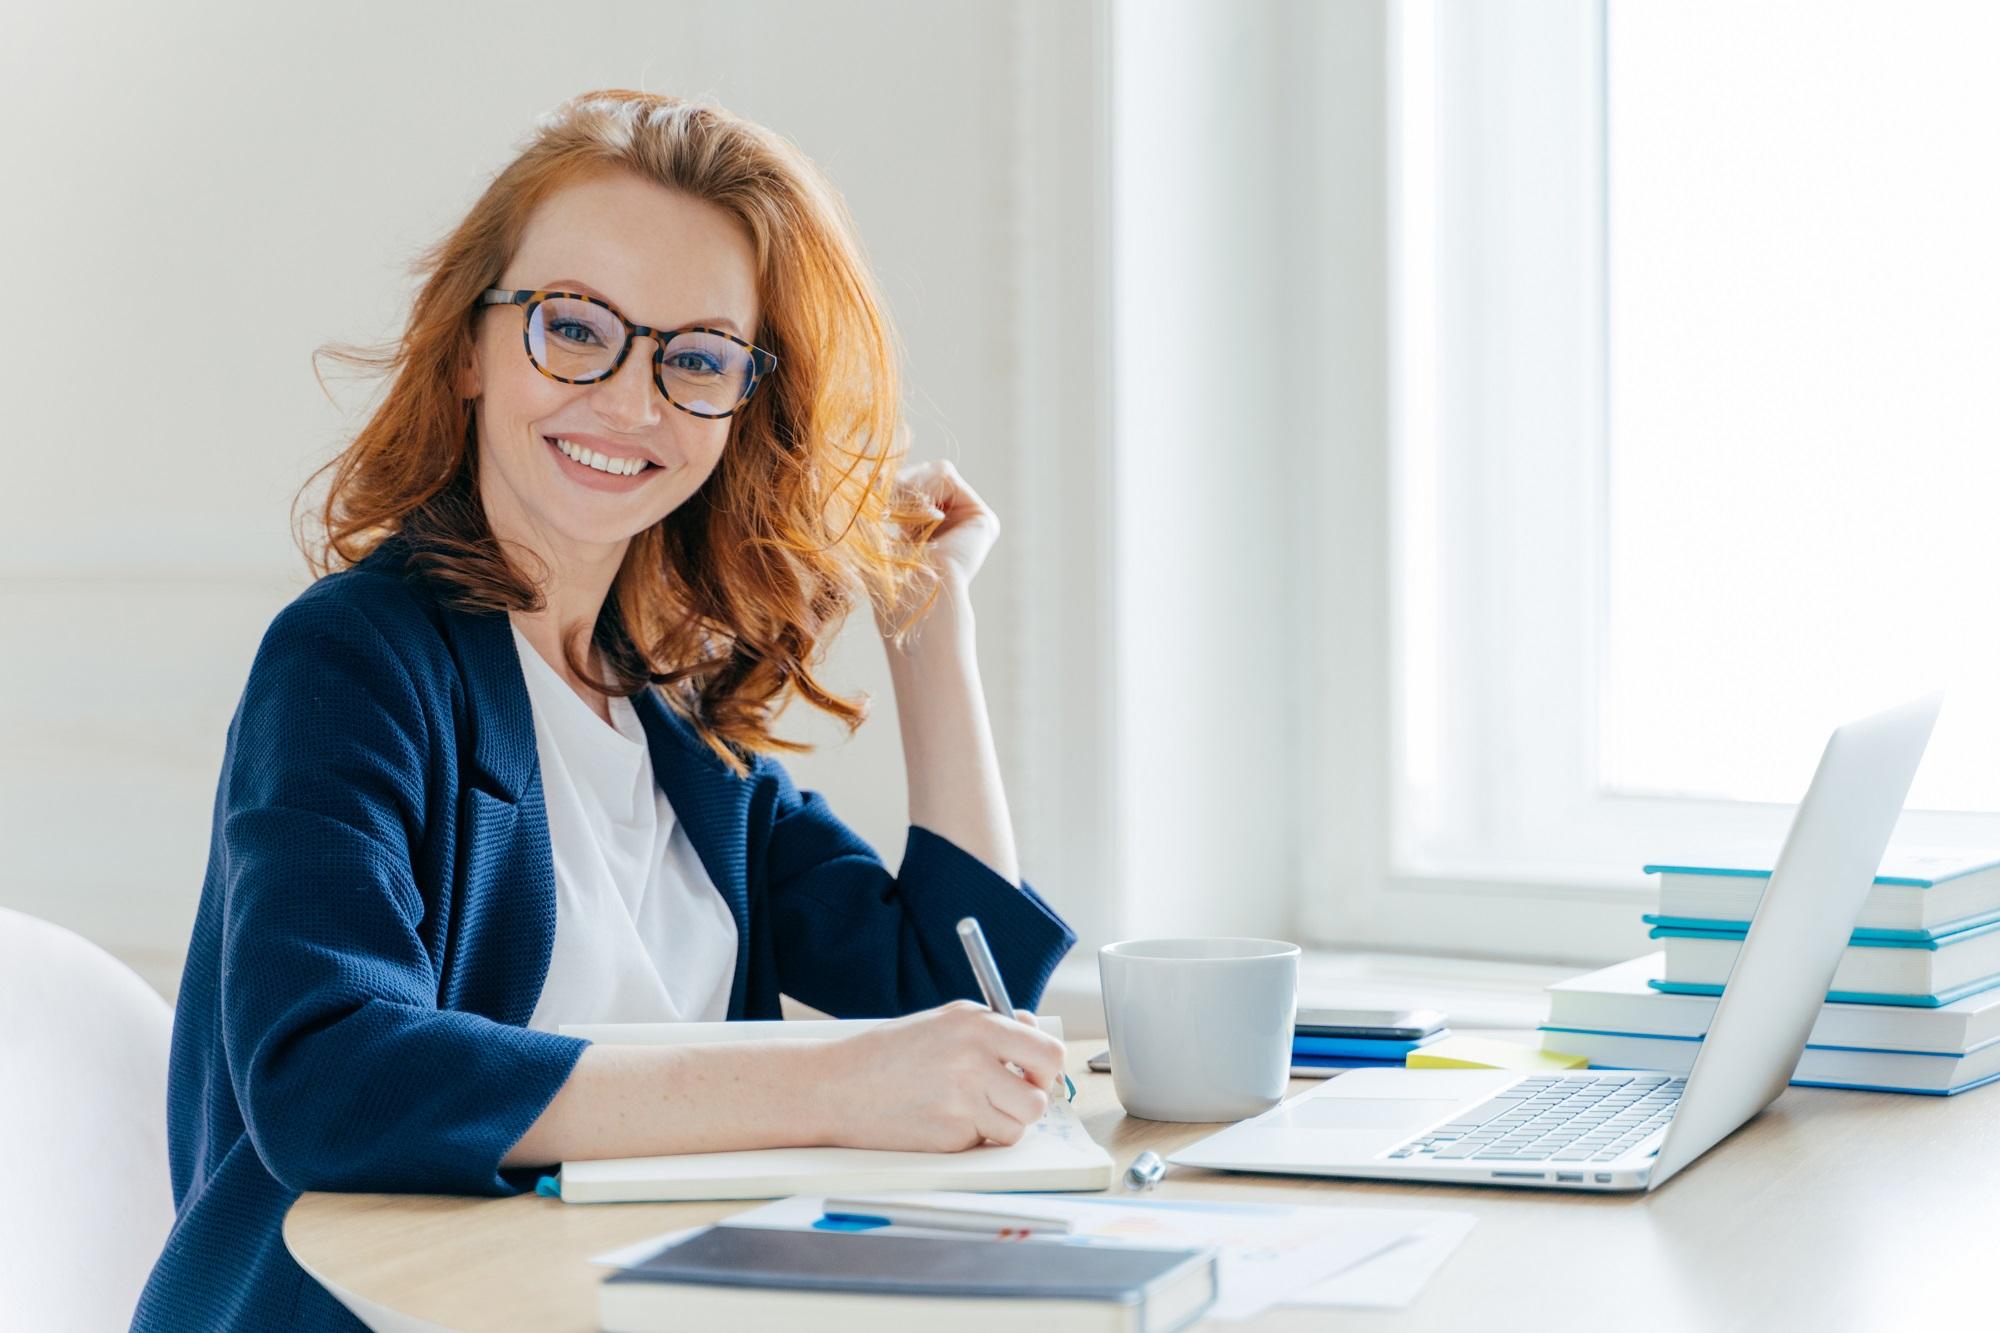 O que levar em consideração na hora de contratar um freelancer